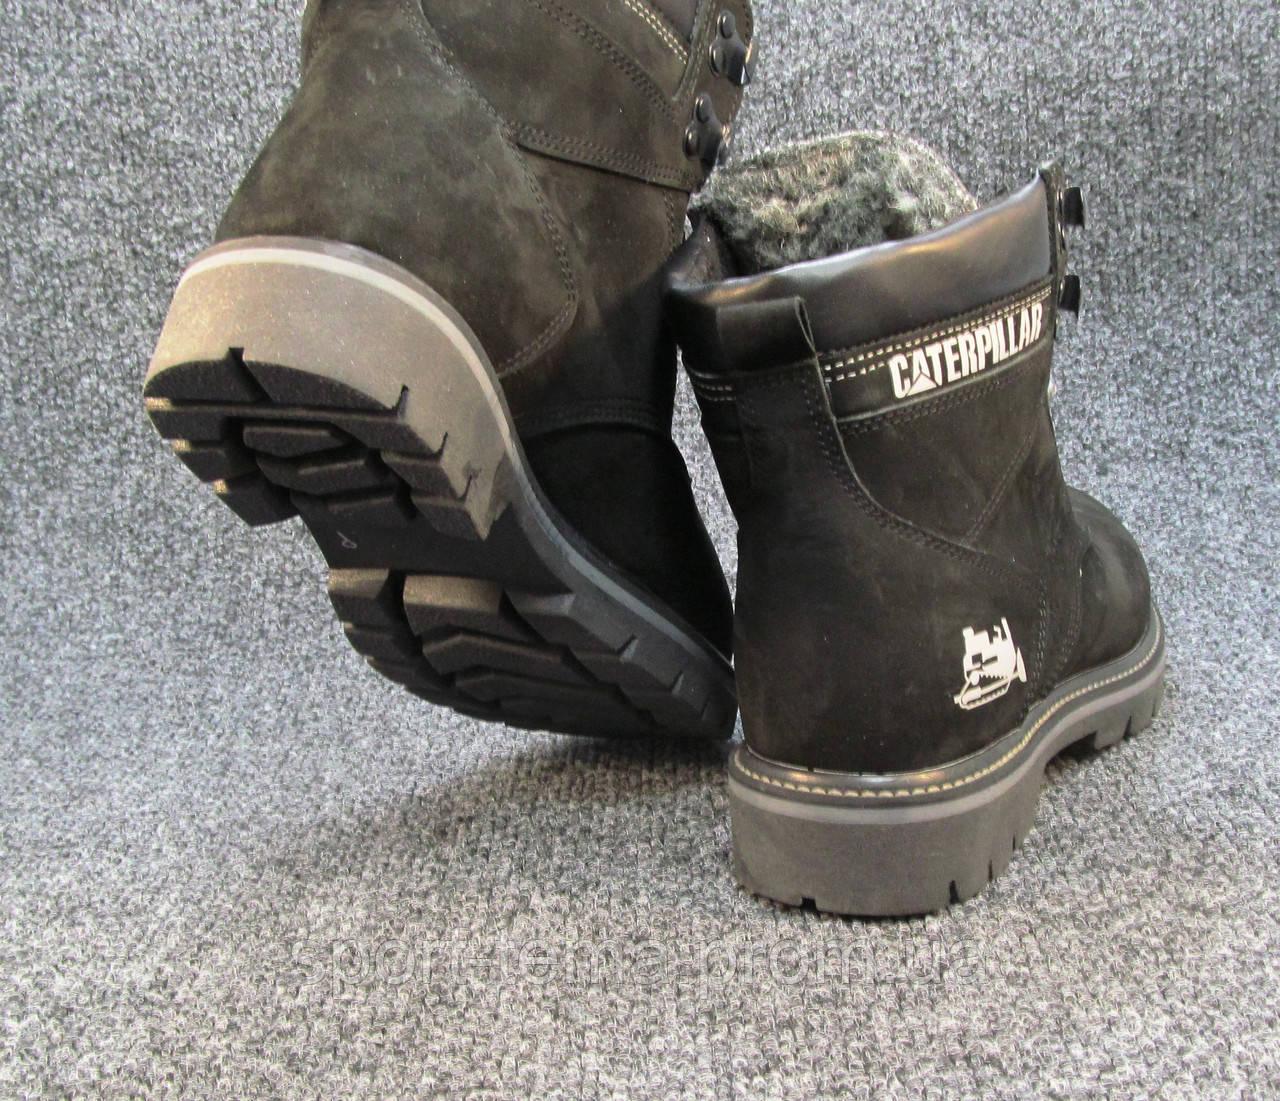 673e8e872 Ботинки Caterpillar кожаные с мехом черные унисекс (р.36), цена 765 грн.,  купить в Николаеве — Prom.ua (ID#793931124)